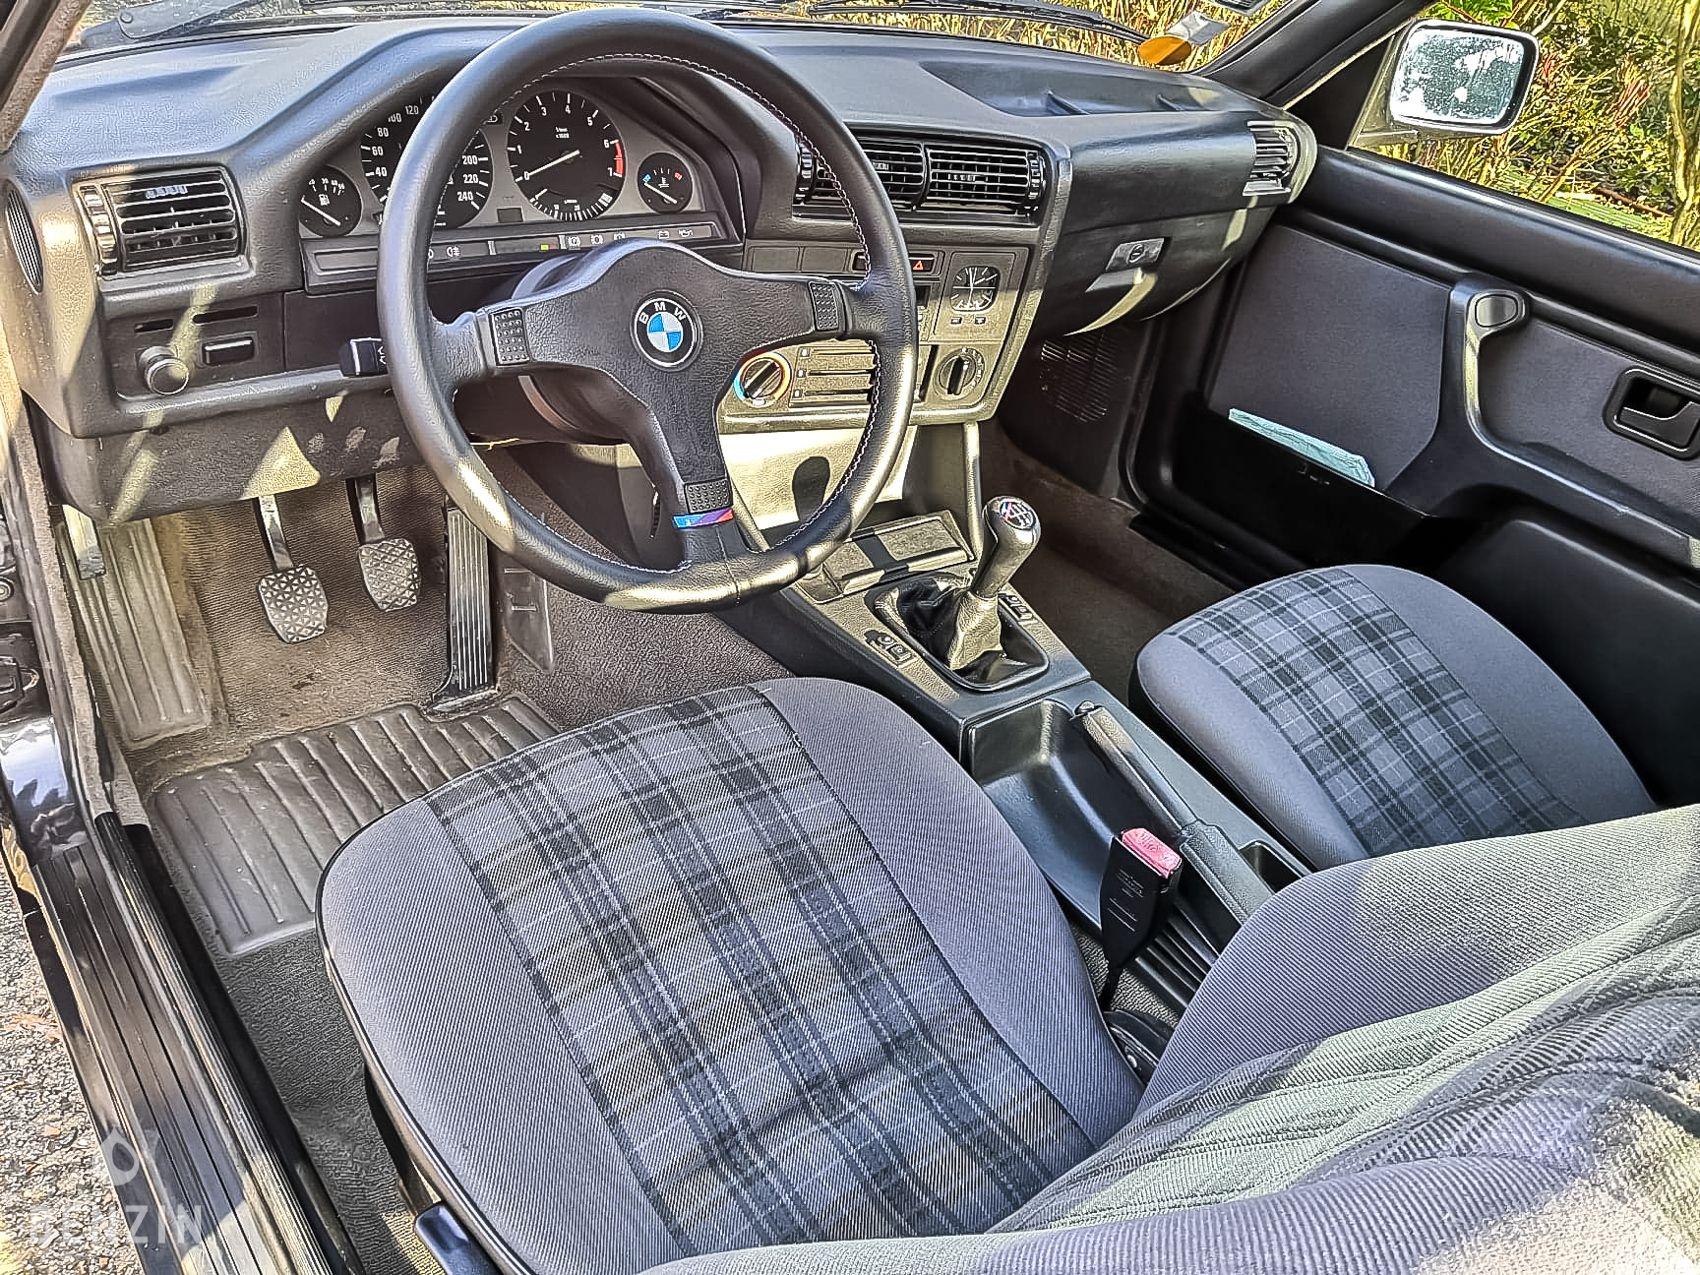 BMW 318is e30 occasion à vendre for sale te koop se vende zu verkaufen